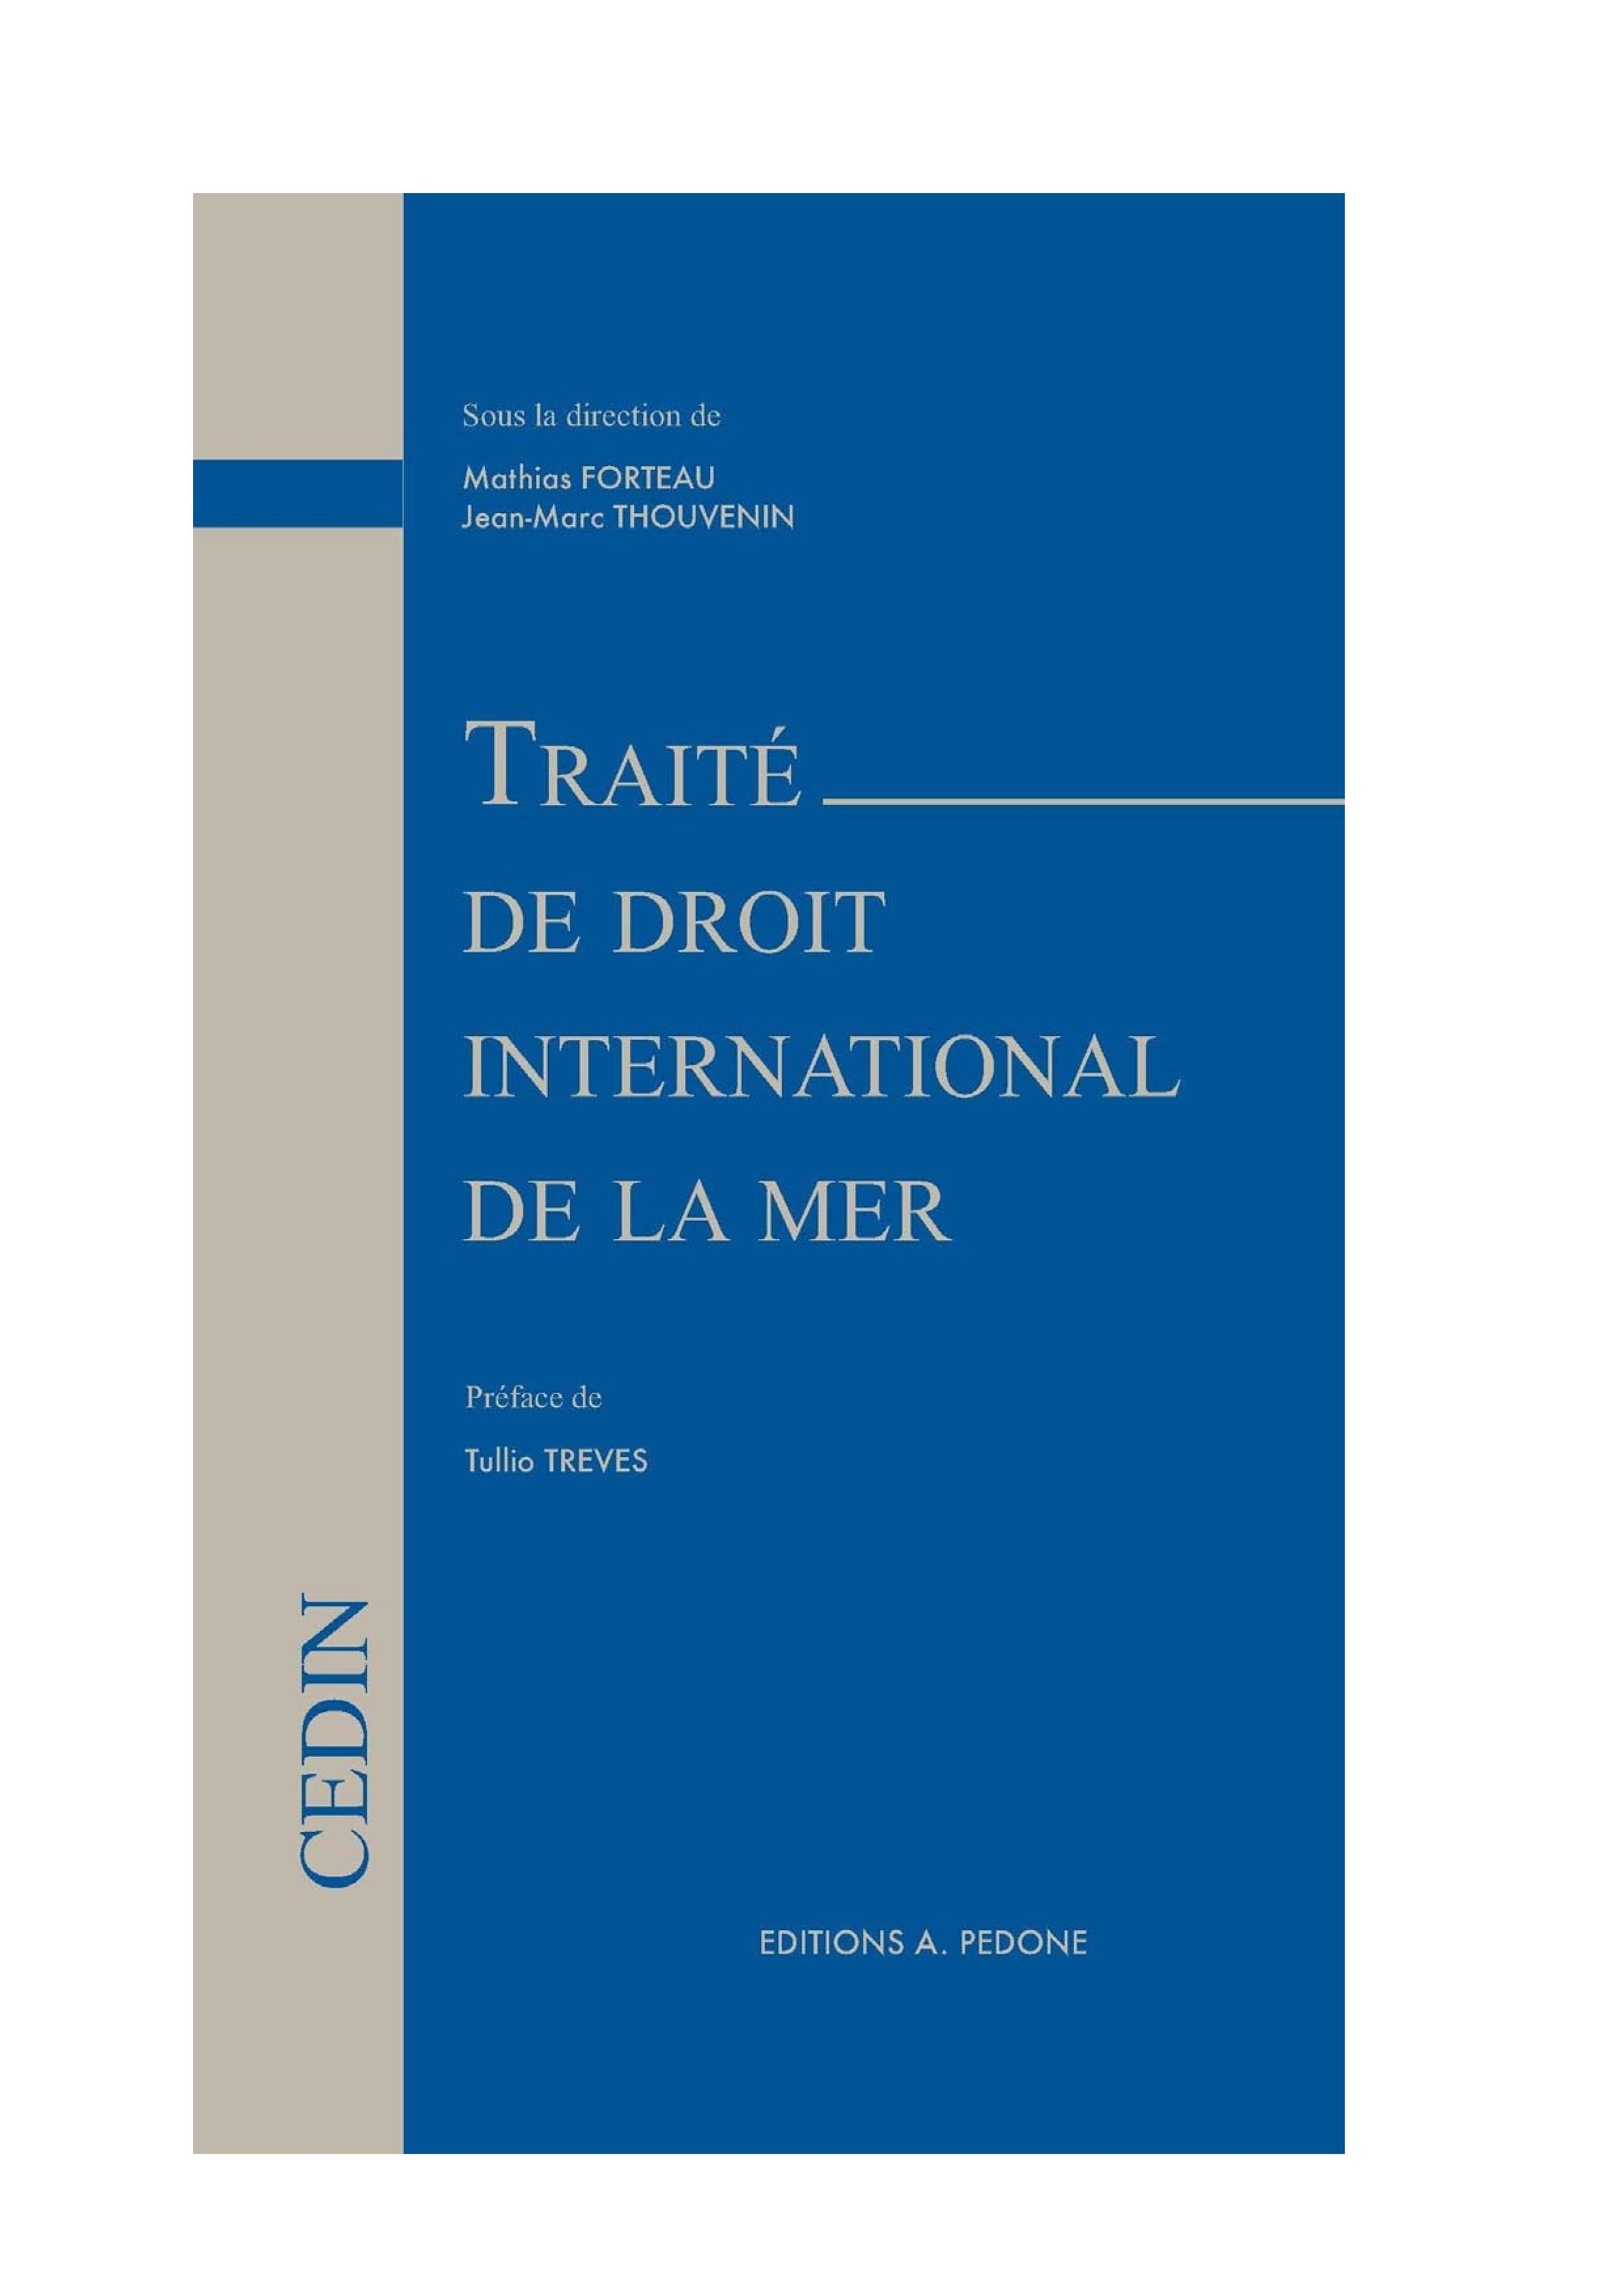 Traité de droit international de la mer